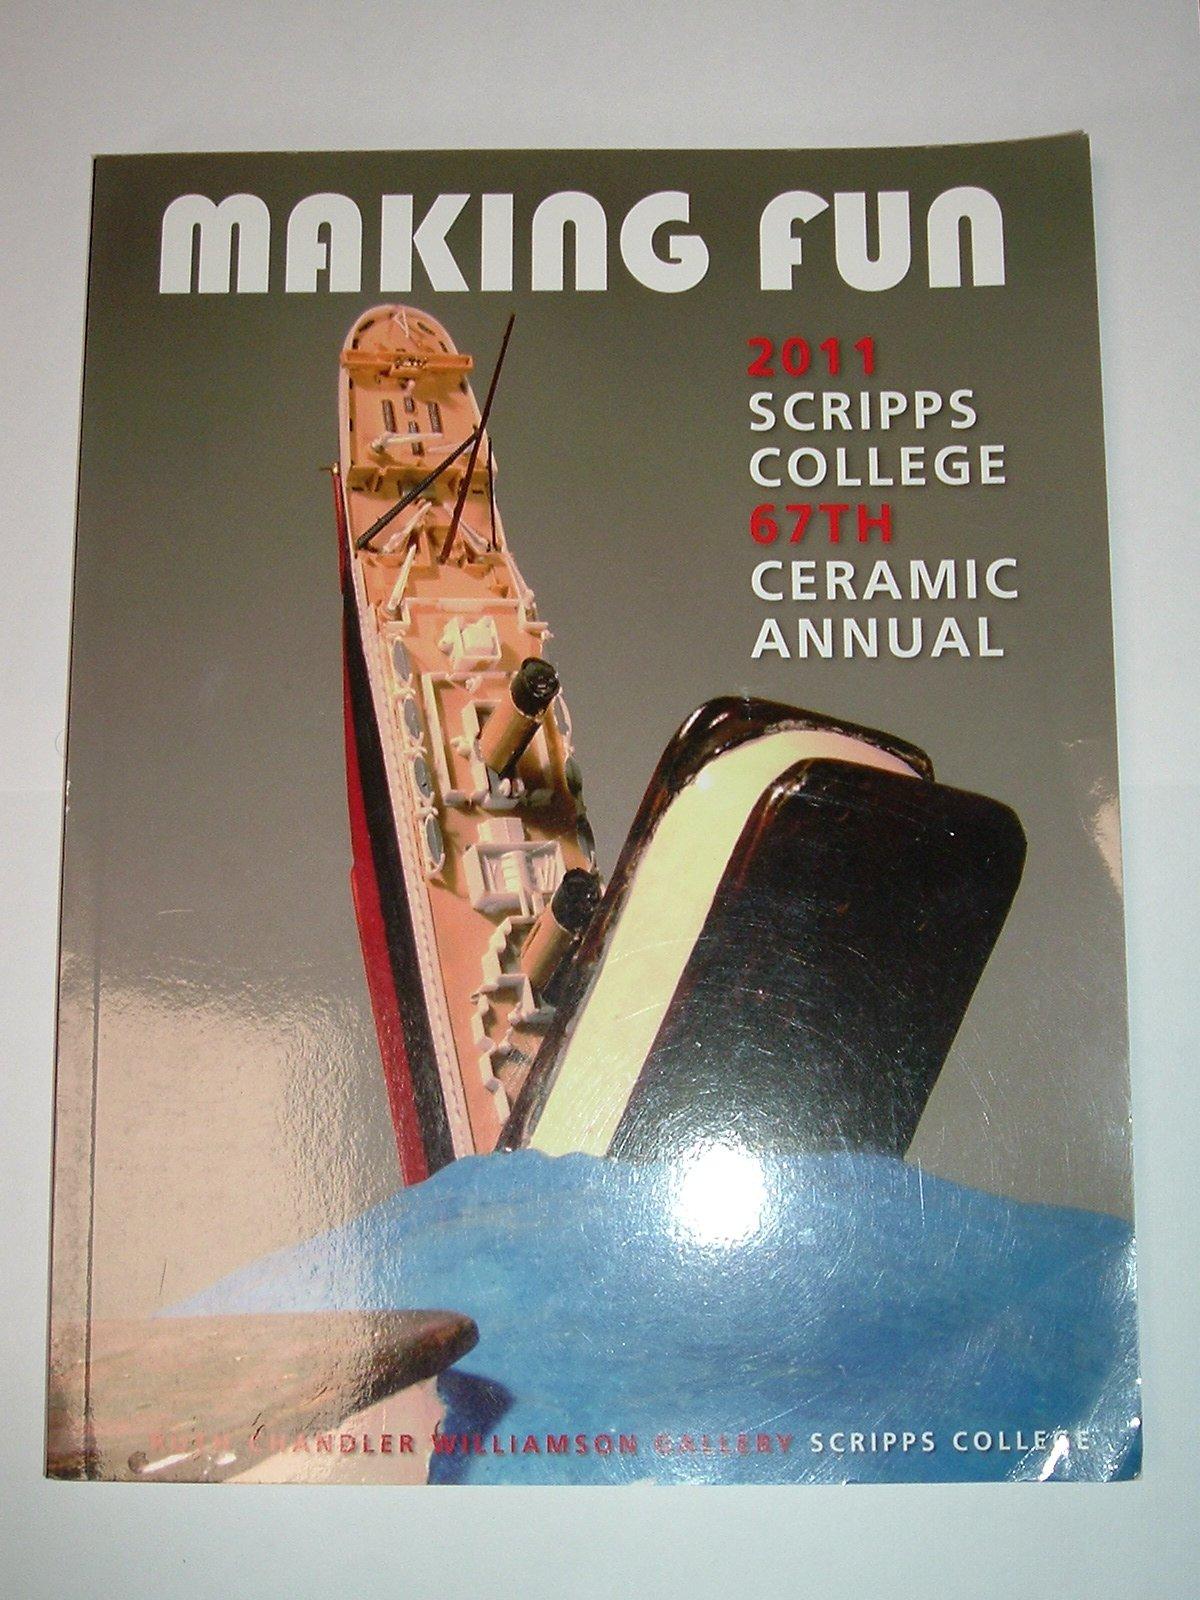 2011 Ceramic Annual: Scripps College 67th Ceramic Exhibition